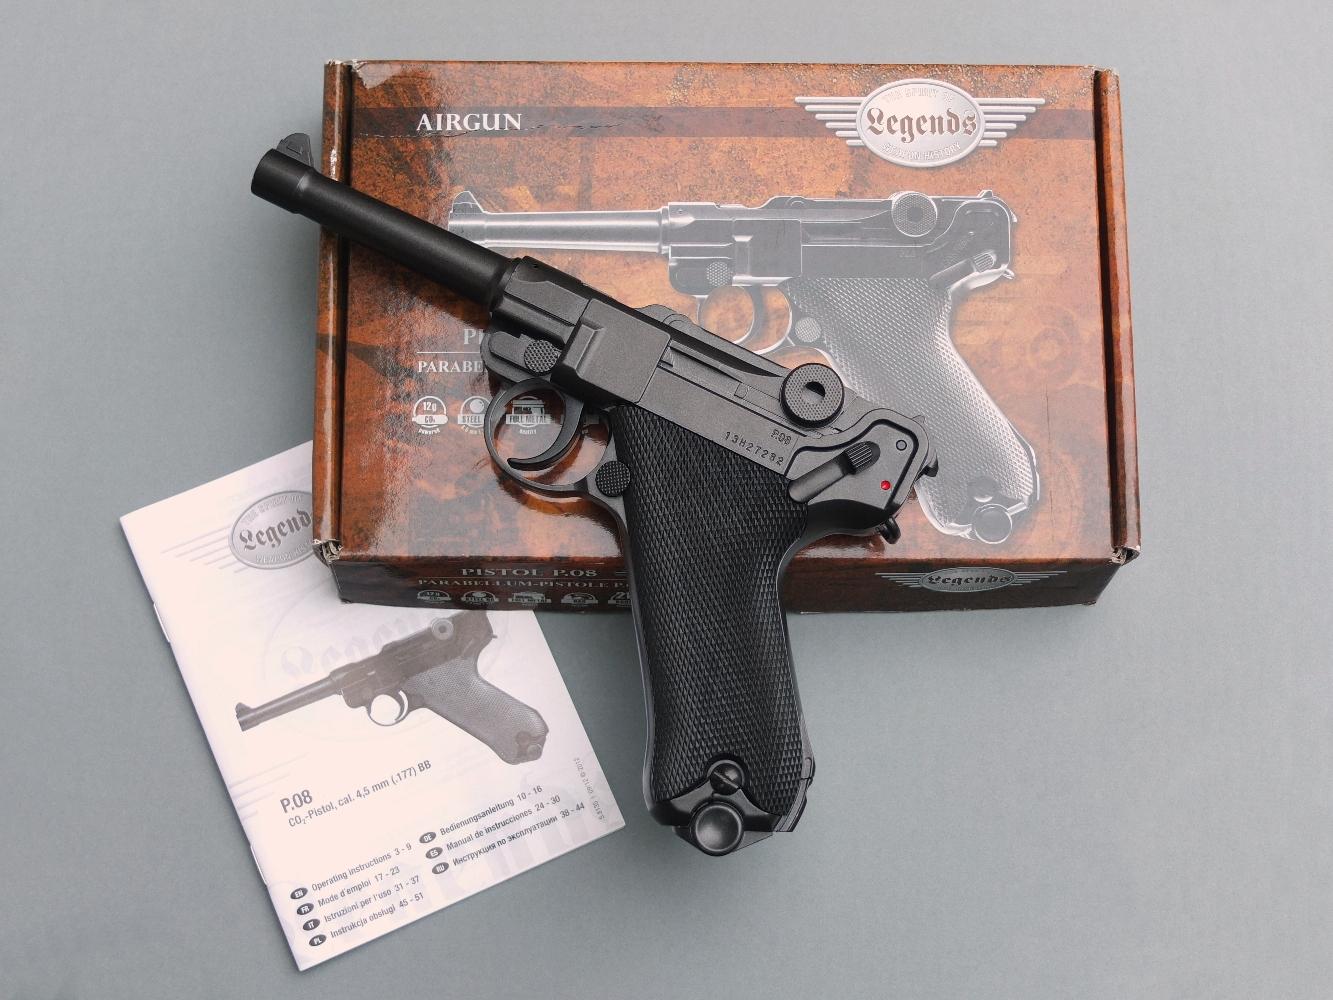 Ce modèle construit en métal bénéficie d'une finition soignée, d'un aspect réaliste et d'une très bonne précision en cible.